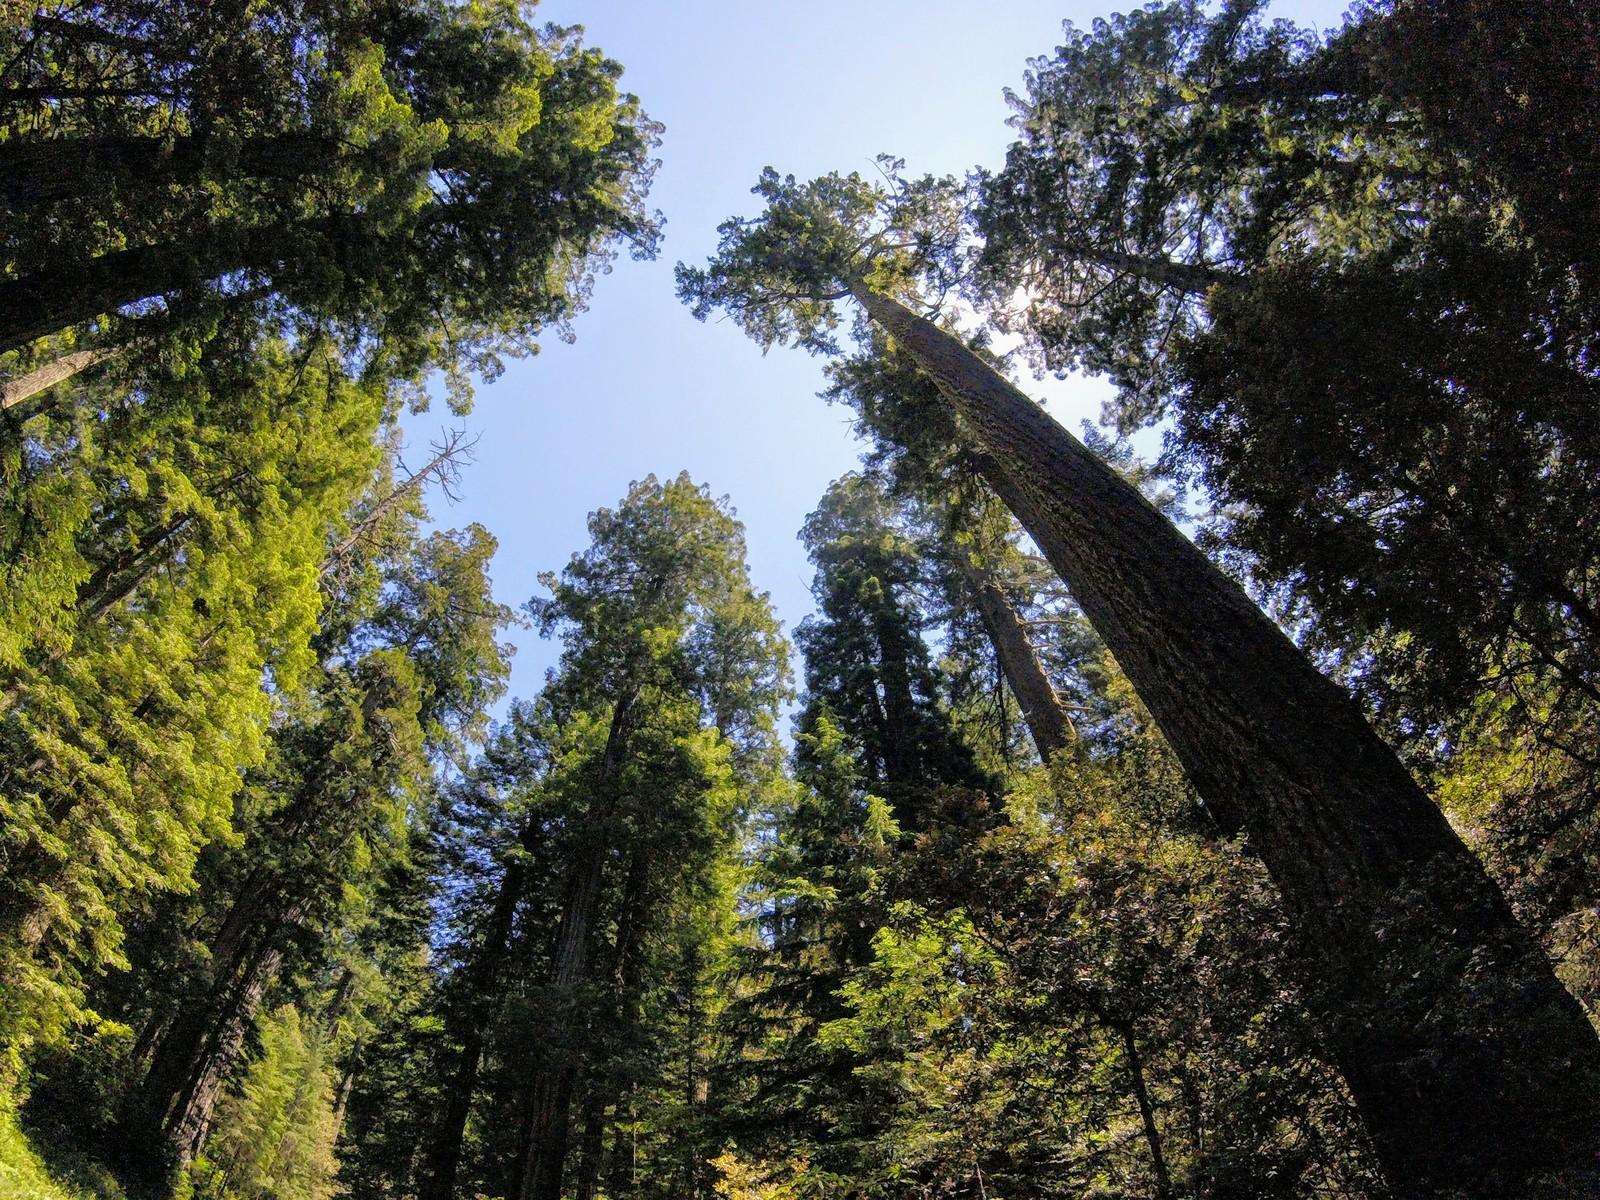 Обои сша, туман, национальный парк редвуд, калифорния. Природа foto 14